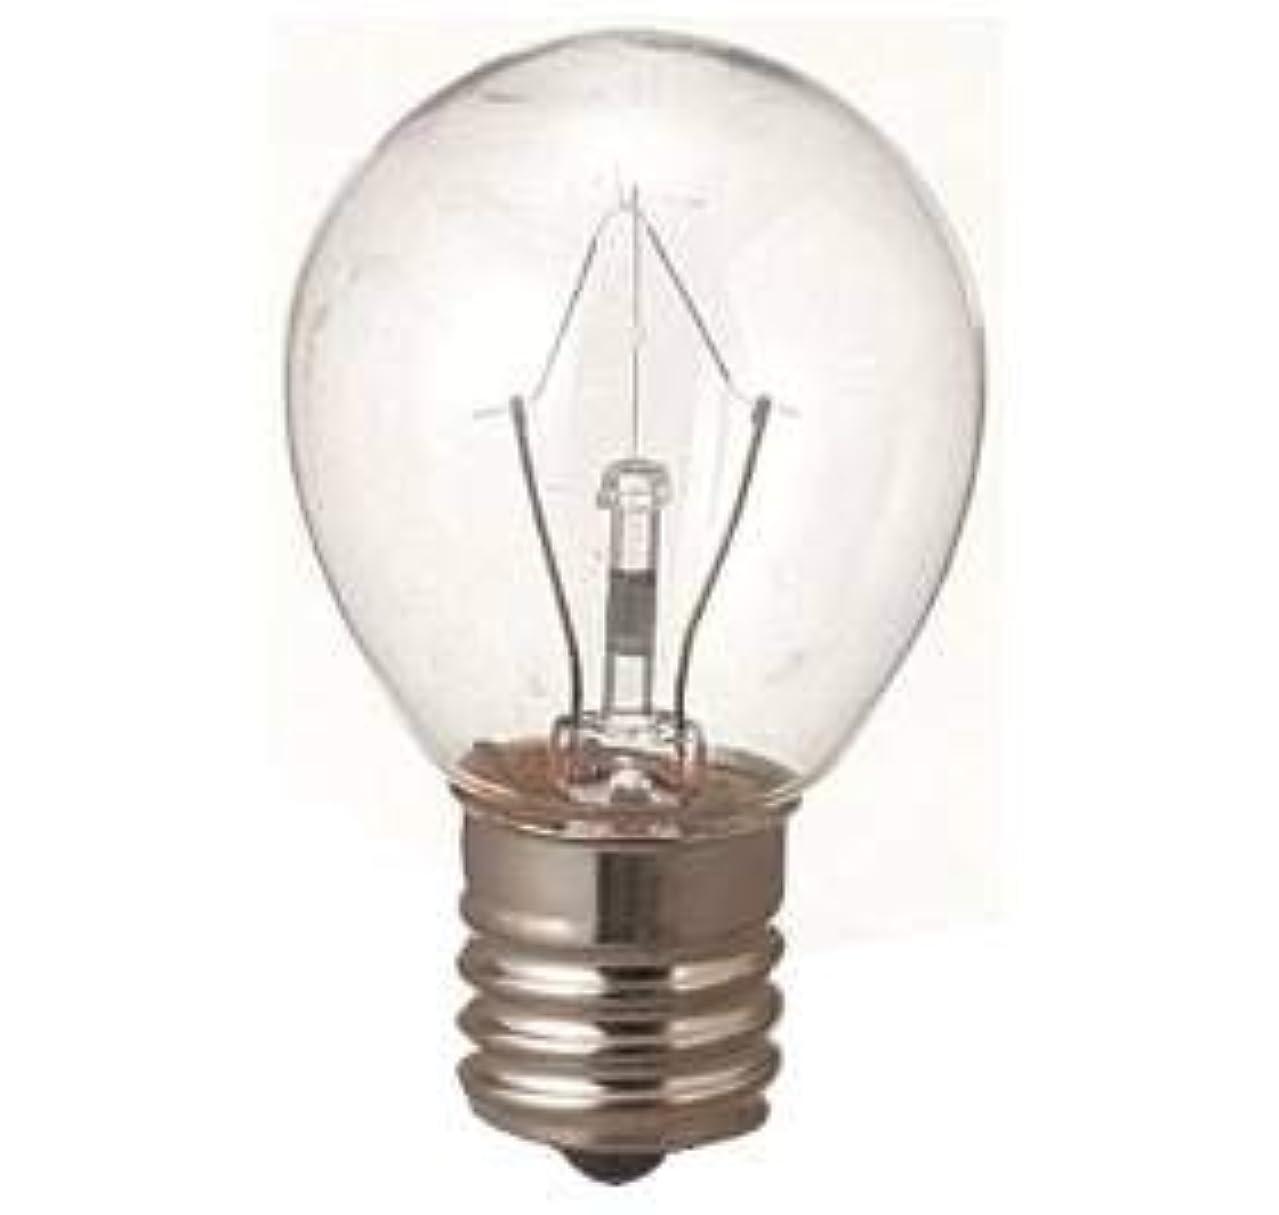 さわやかリップ全国生活の木 アロマランプM用 電球15W(サイズ:φ23×H50mm)